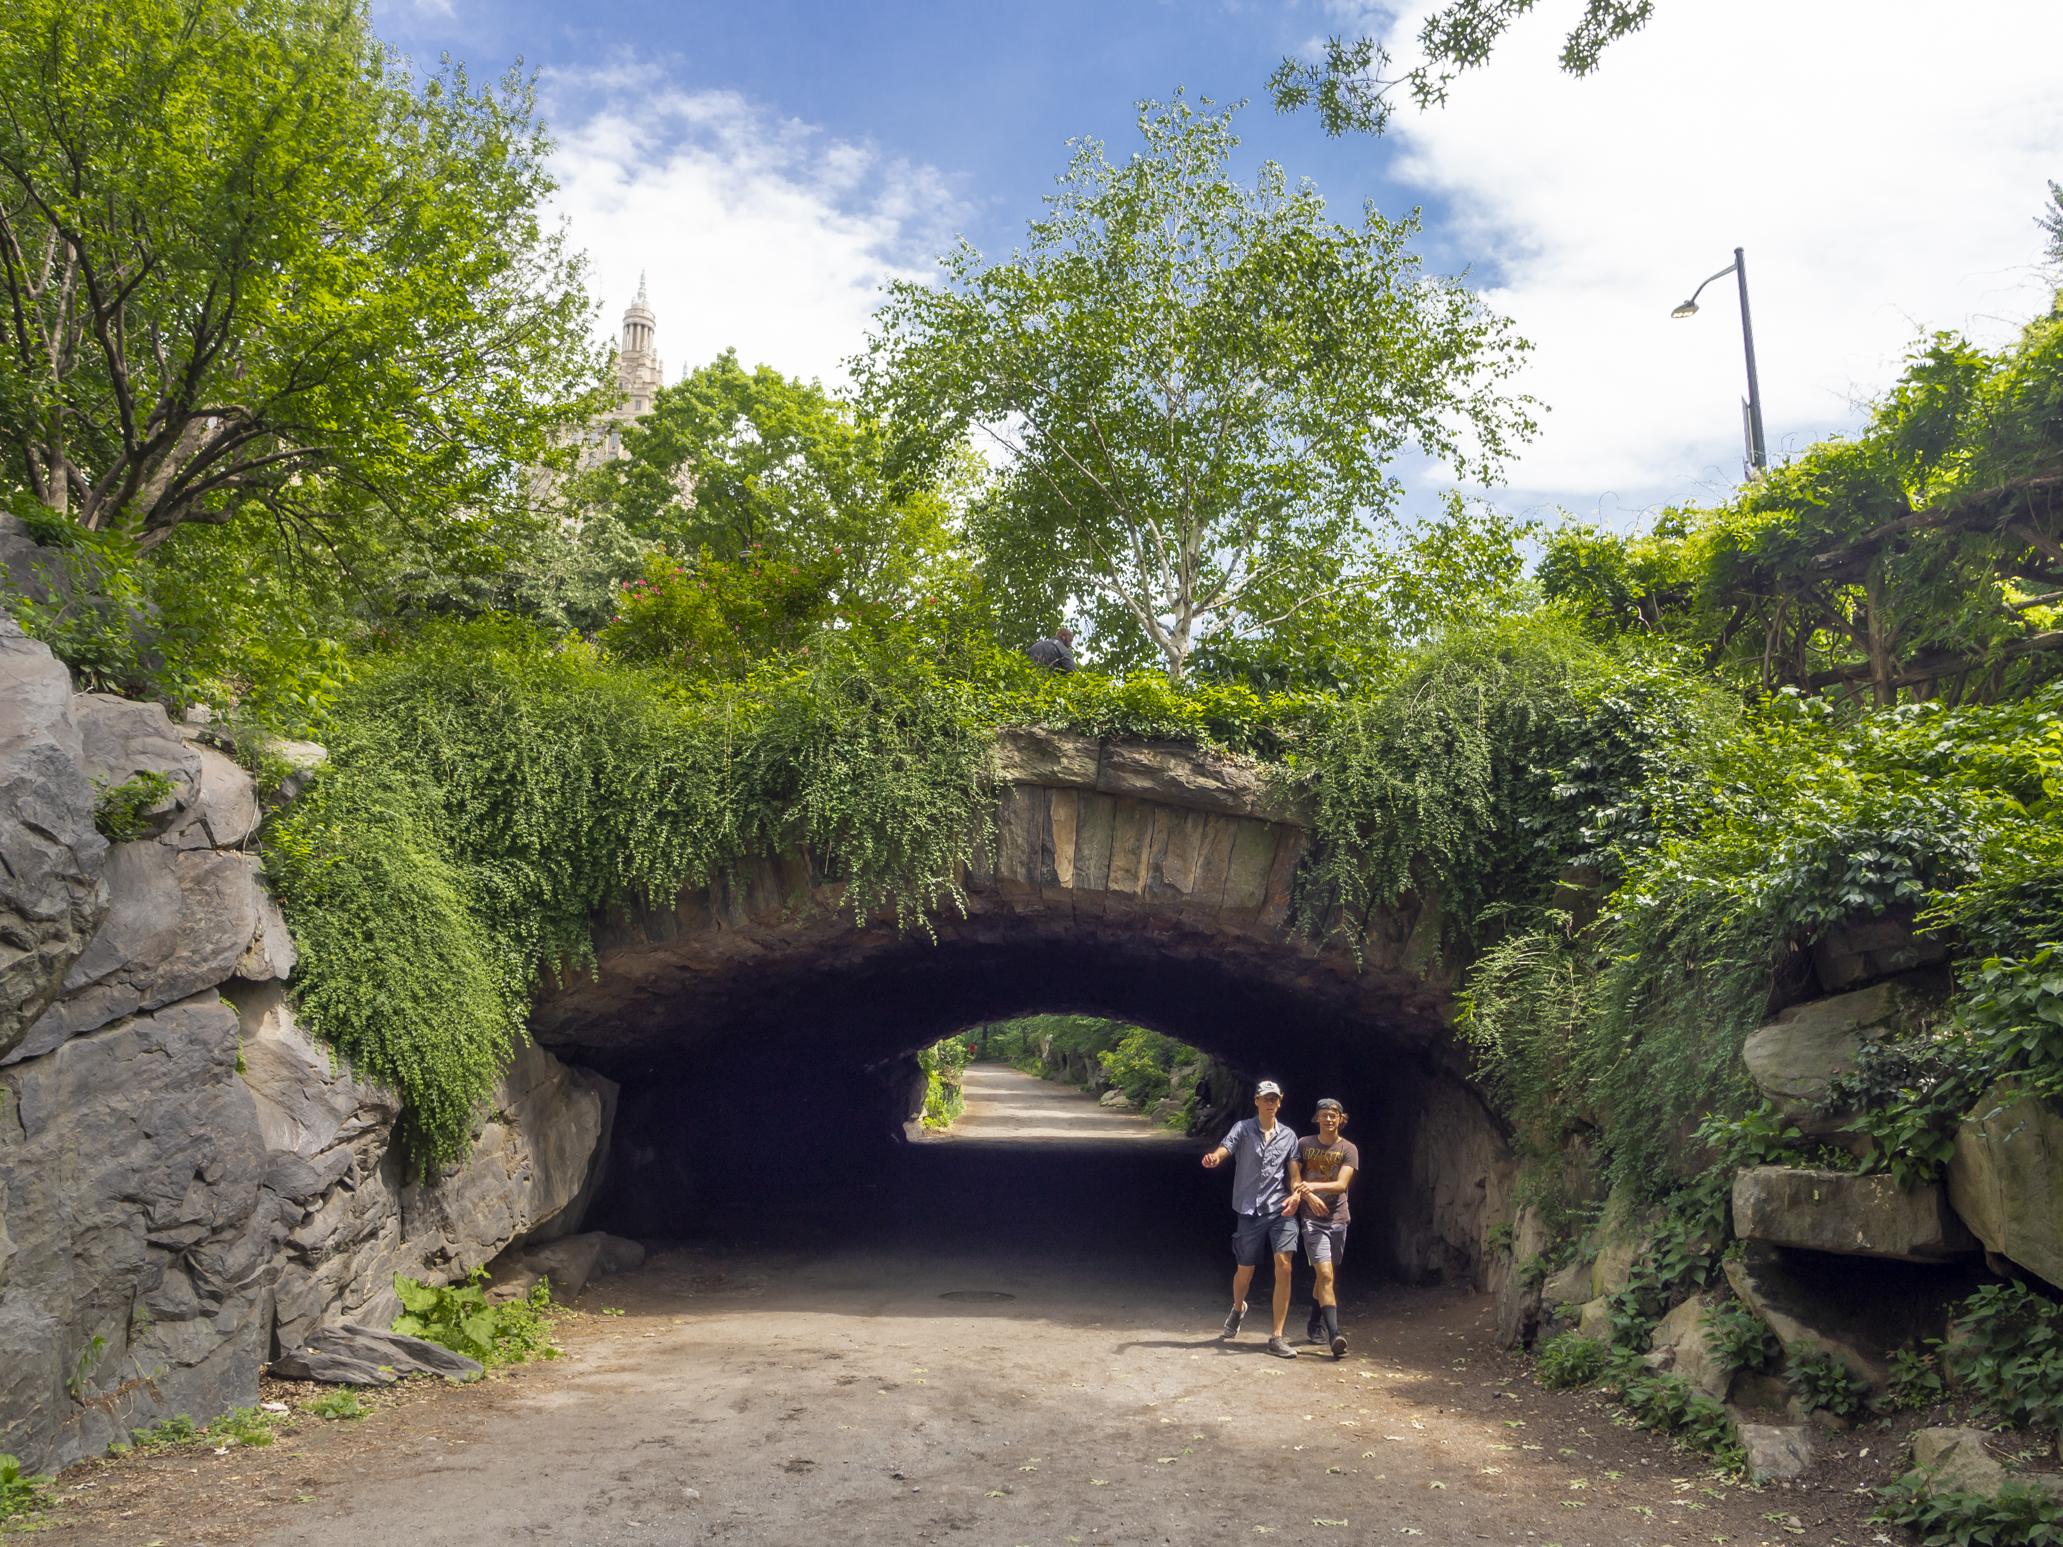 Riftstone Arch, May 2018